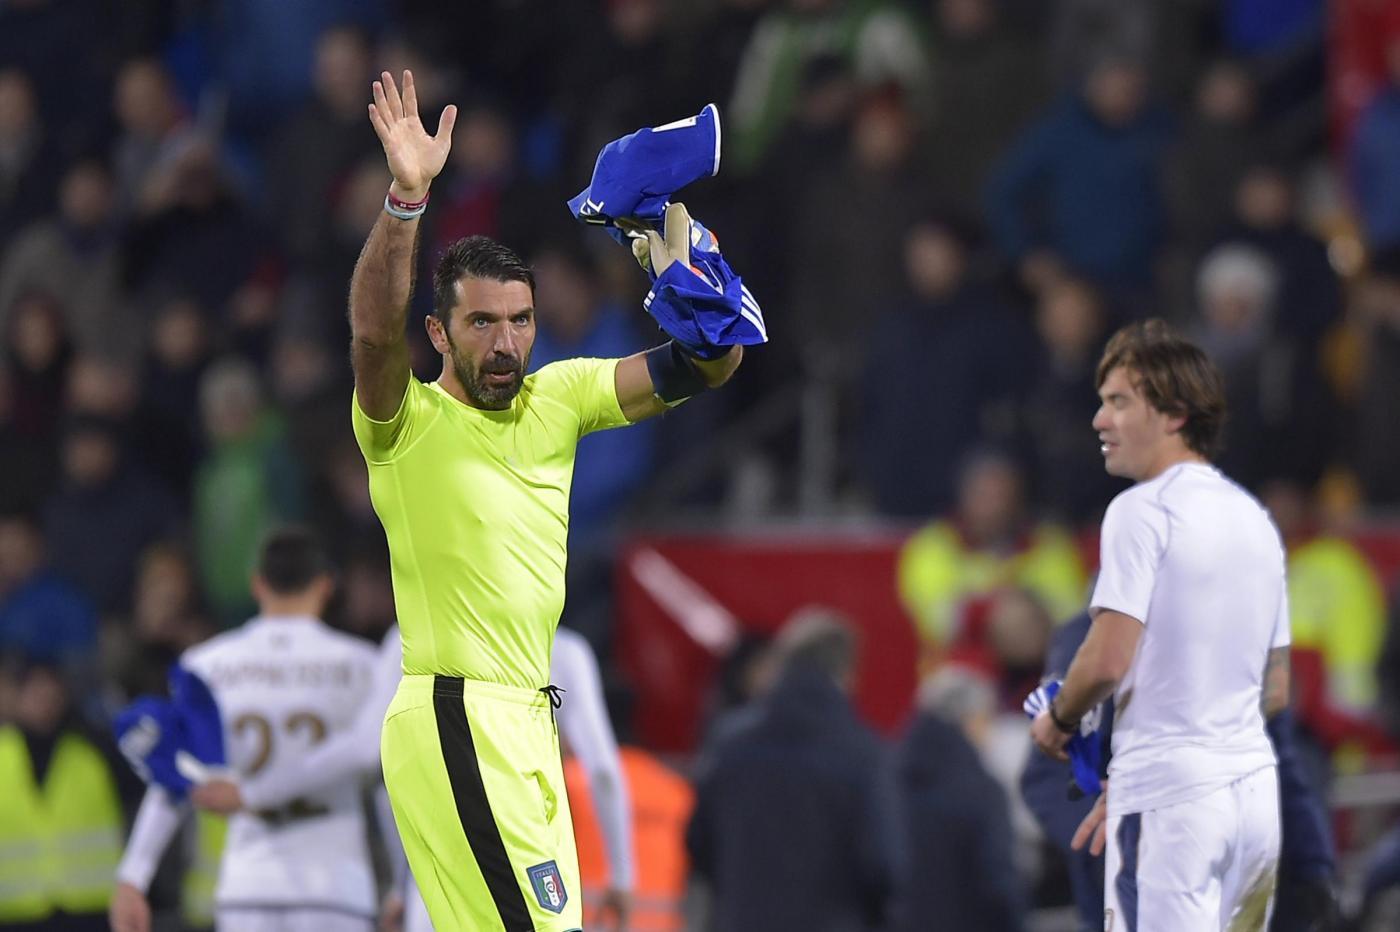 Italia fuori dai Mondiali 2018: le lacrime di Buffon (video)